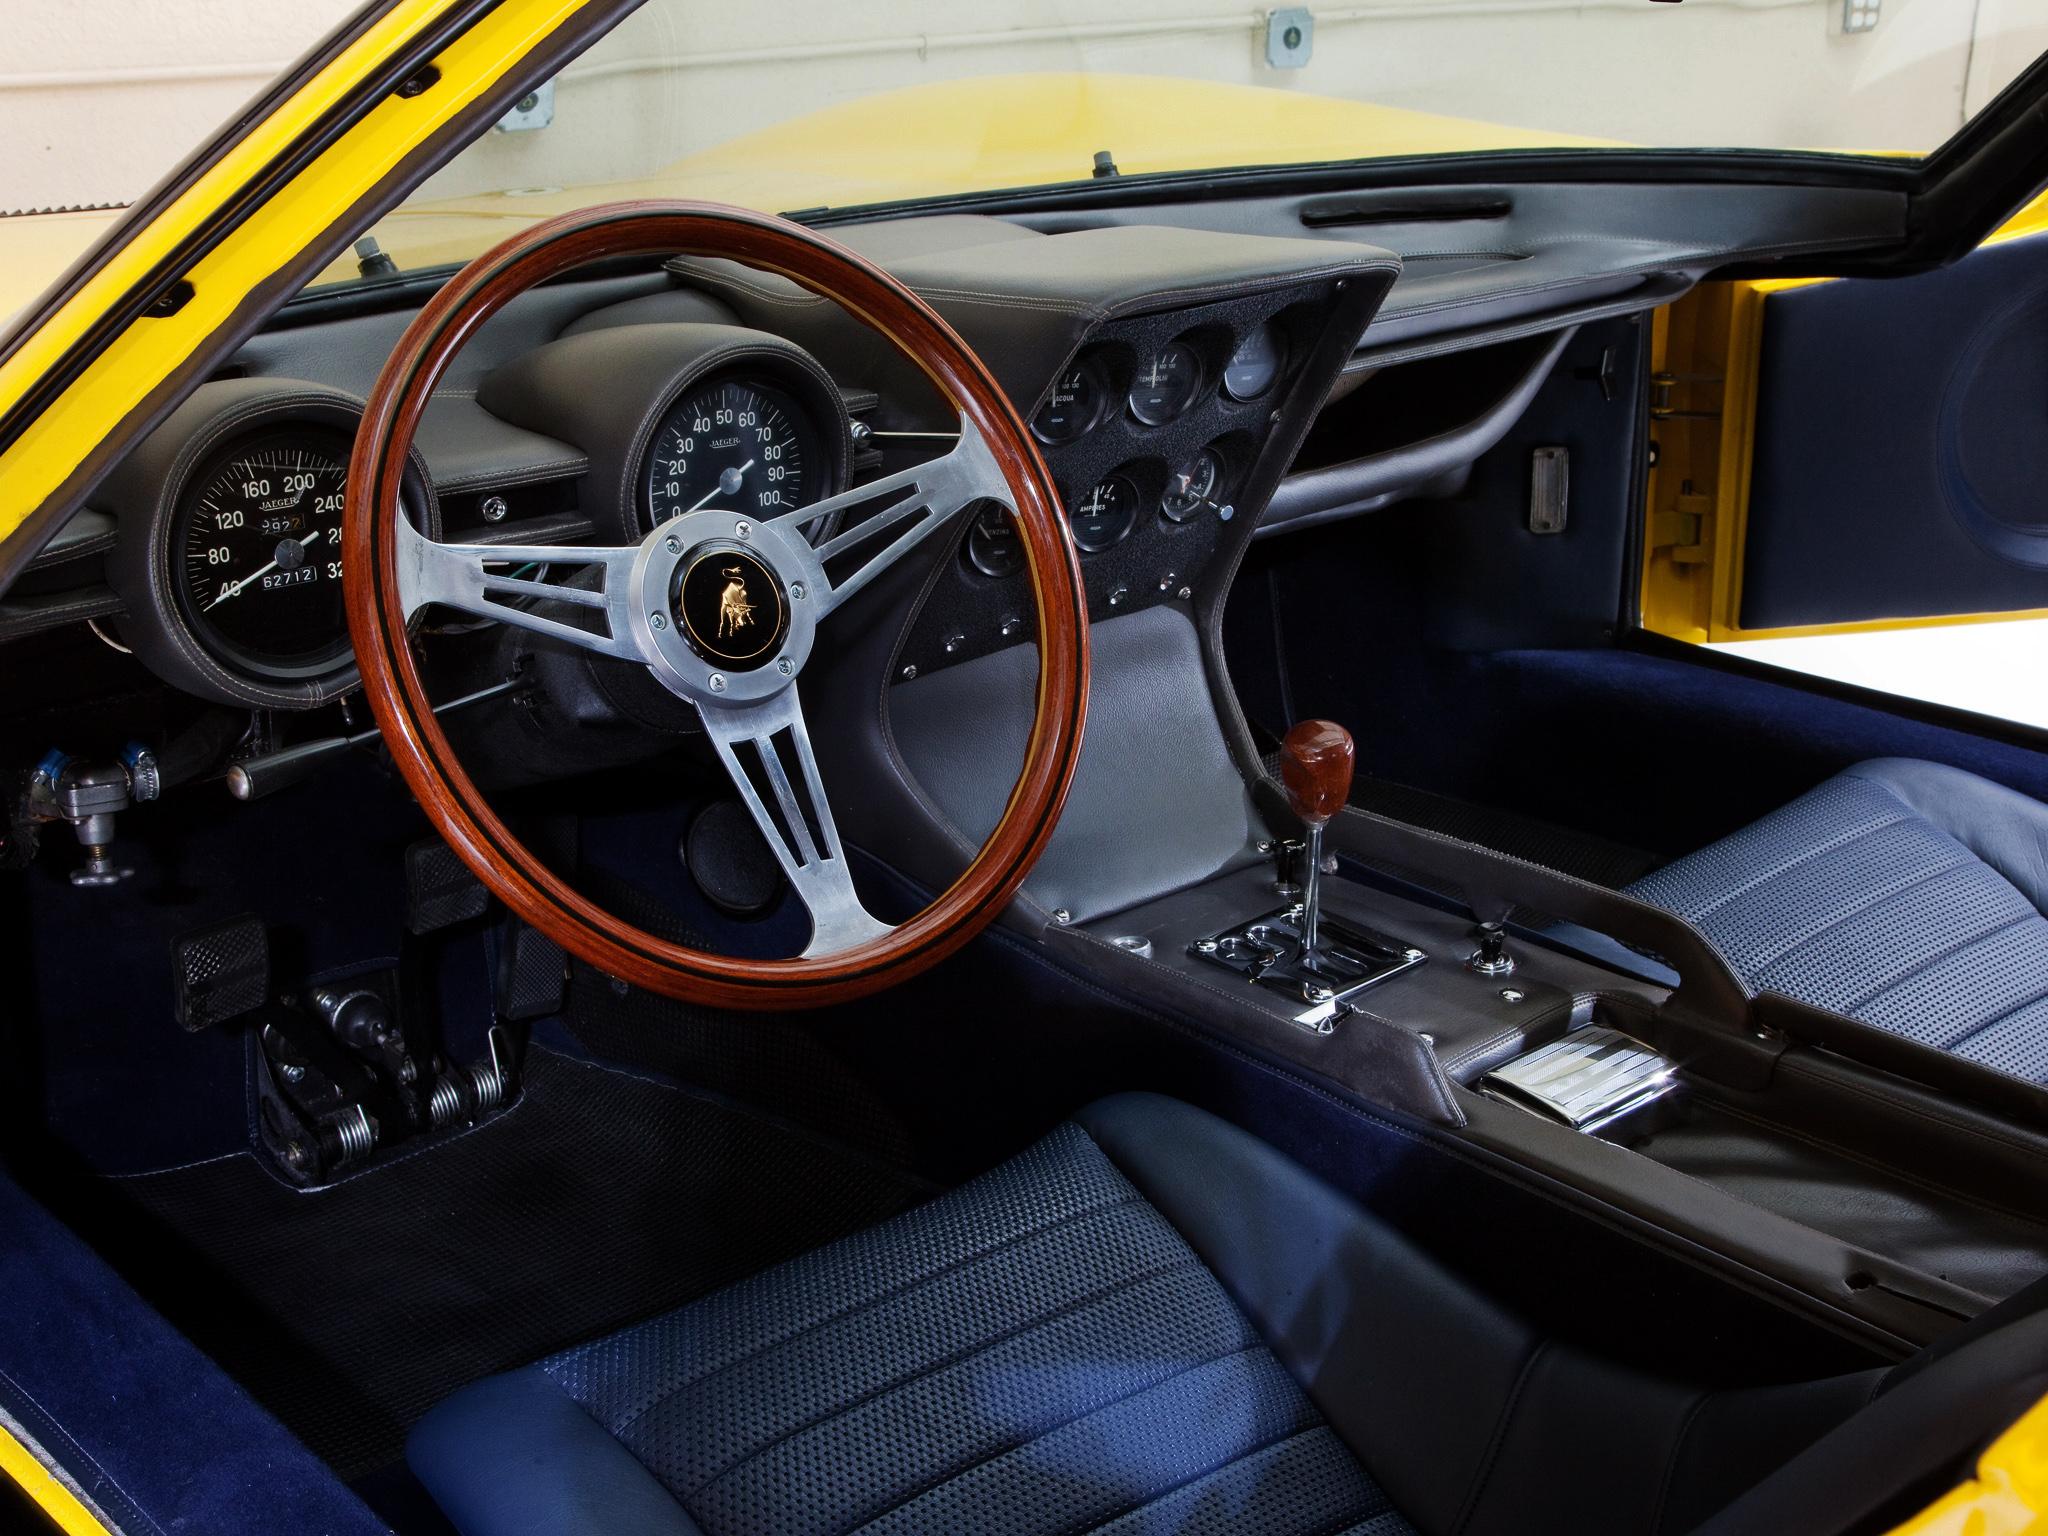 Lamborghini Miura - intérieur / interior